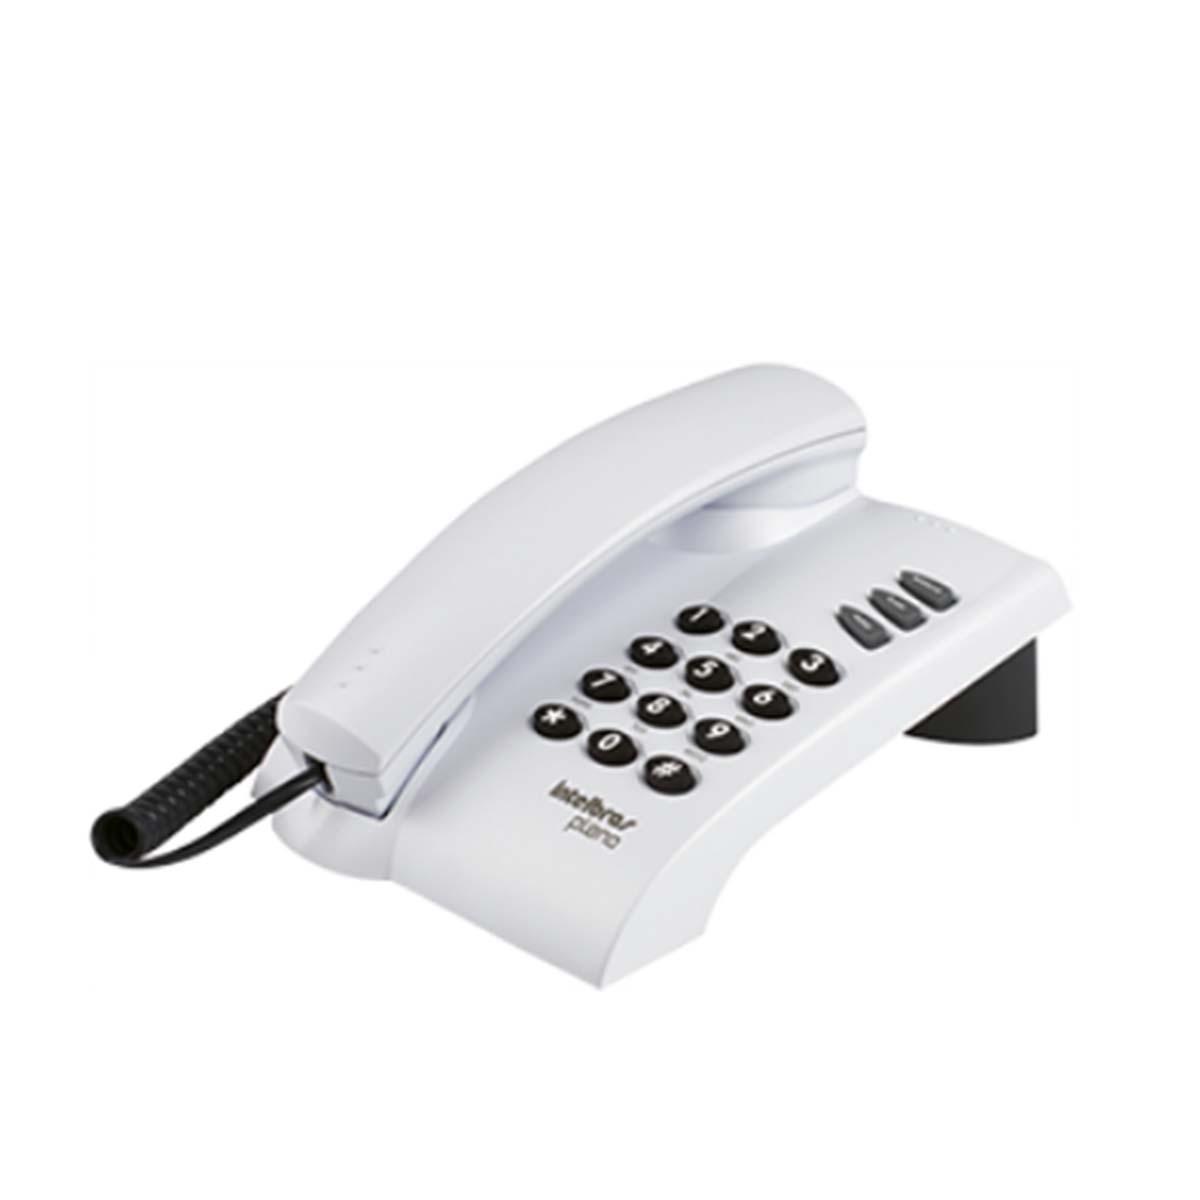 Kit 02 Telefone De Mesa Intelbras Pleno Cz Artico